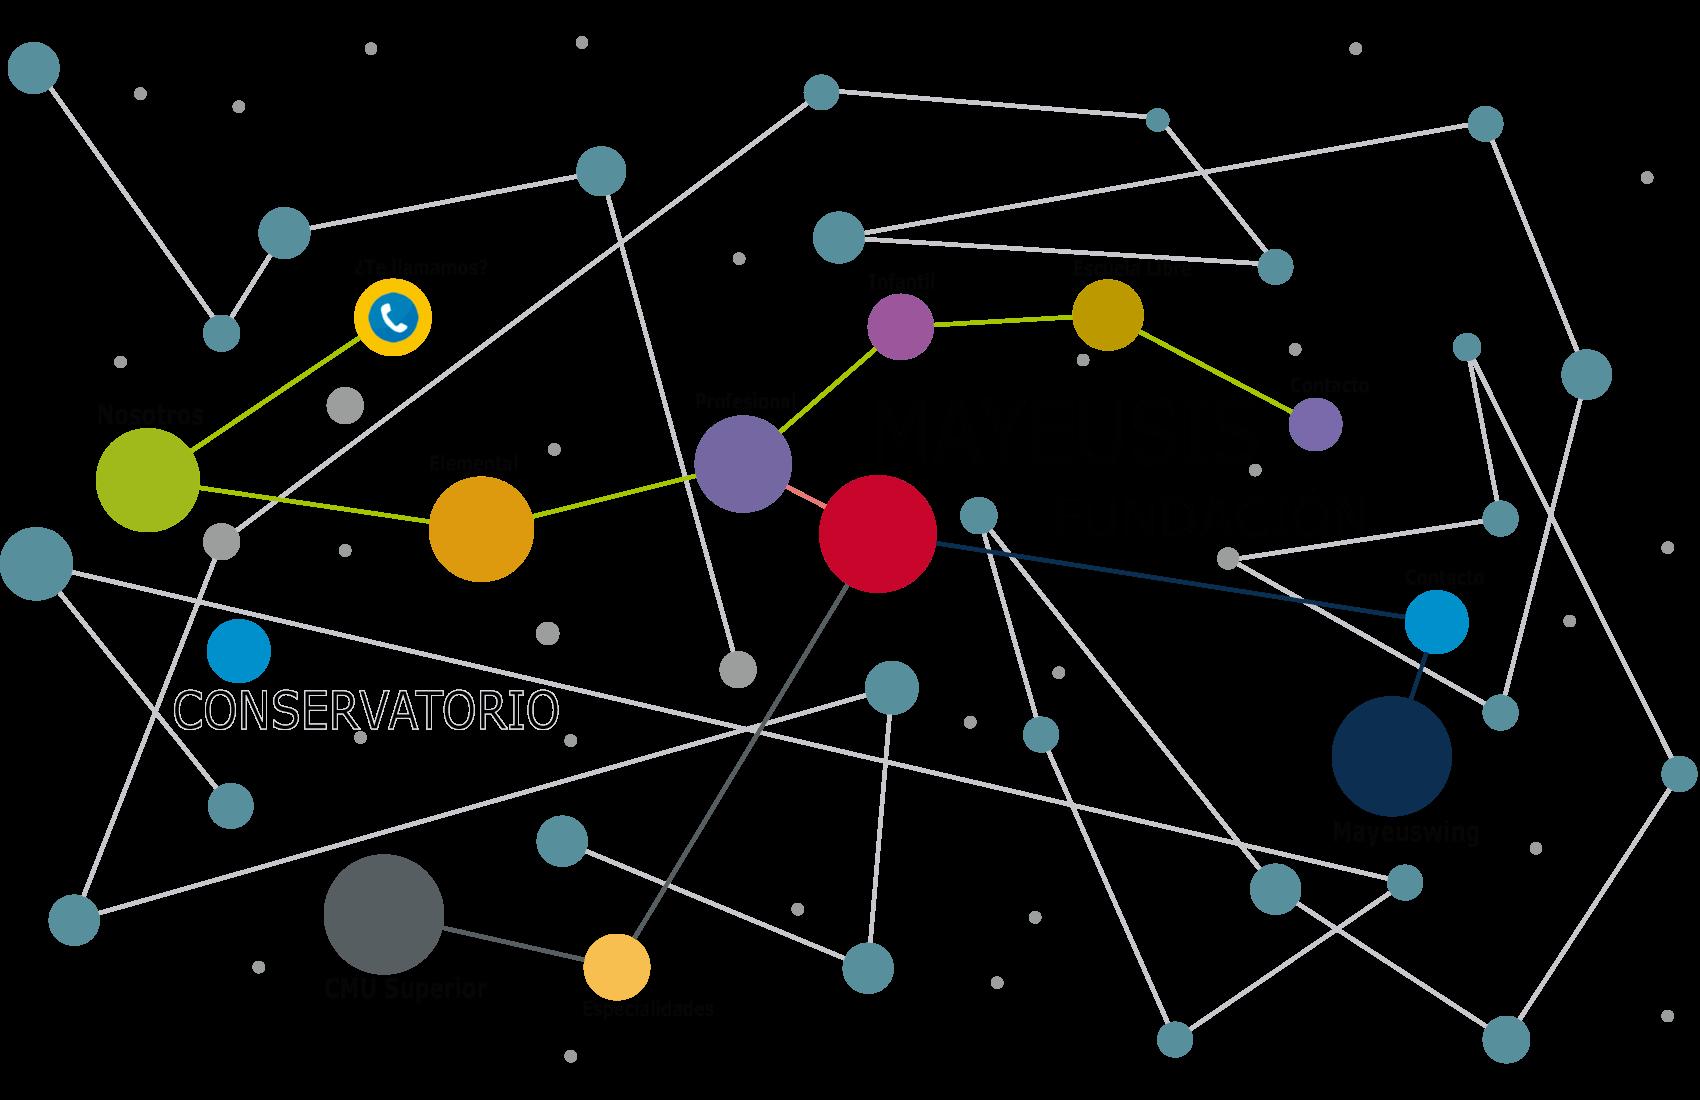 constelación mayeusis conservatorio vigo galicia luces navidad academia musical instrumento jazz caballero abel